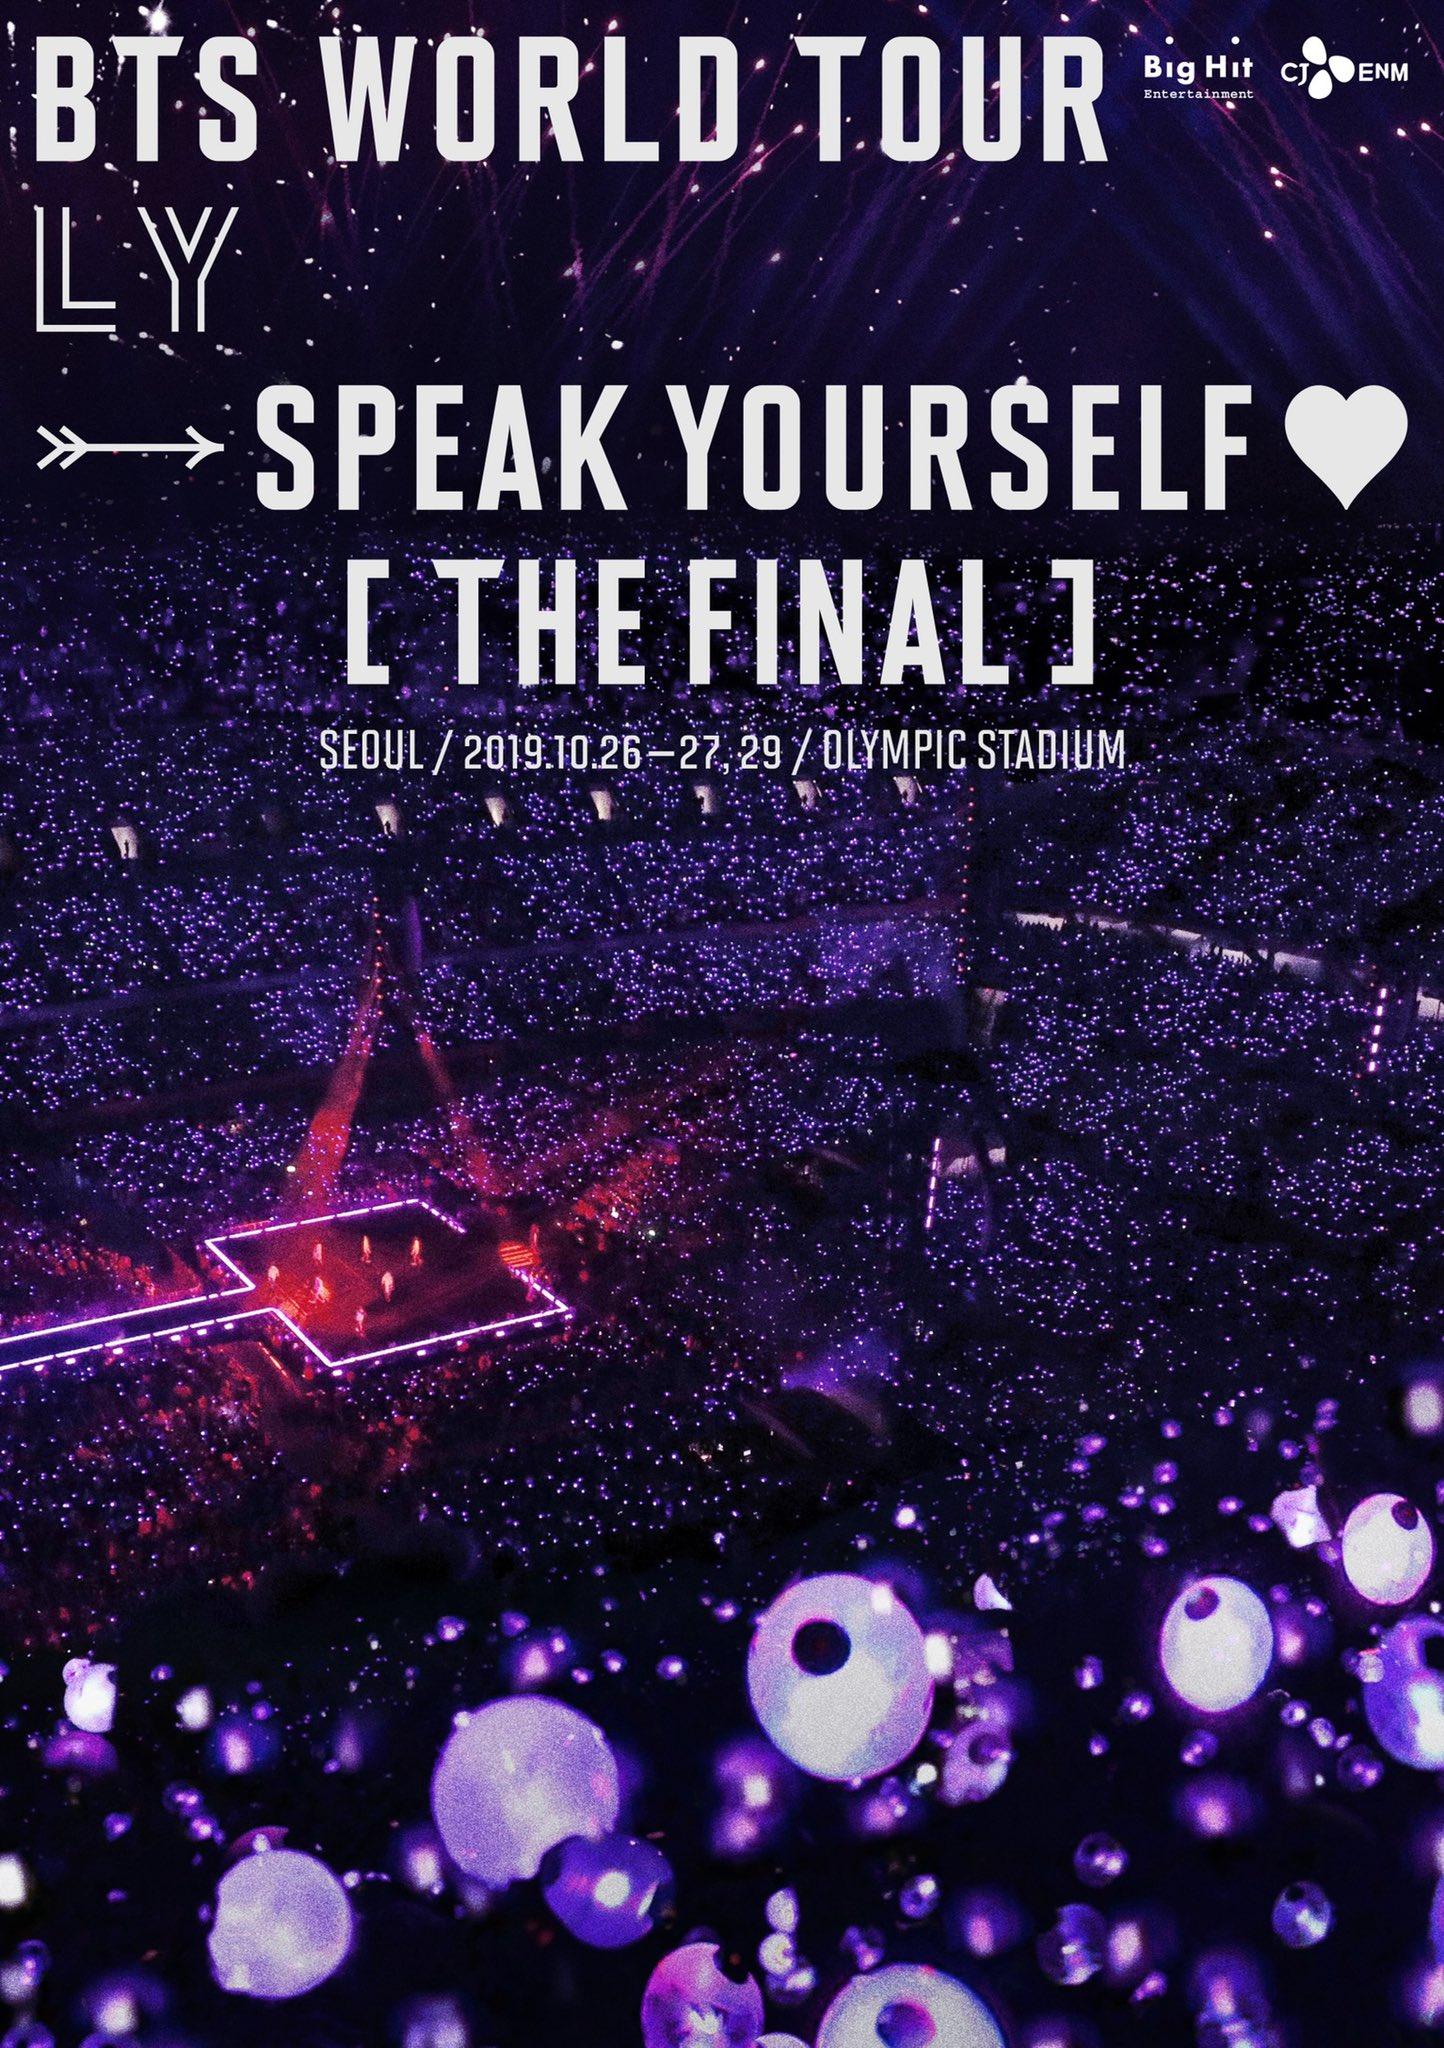 bts speak yourself concert live 1